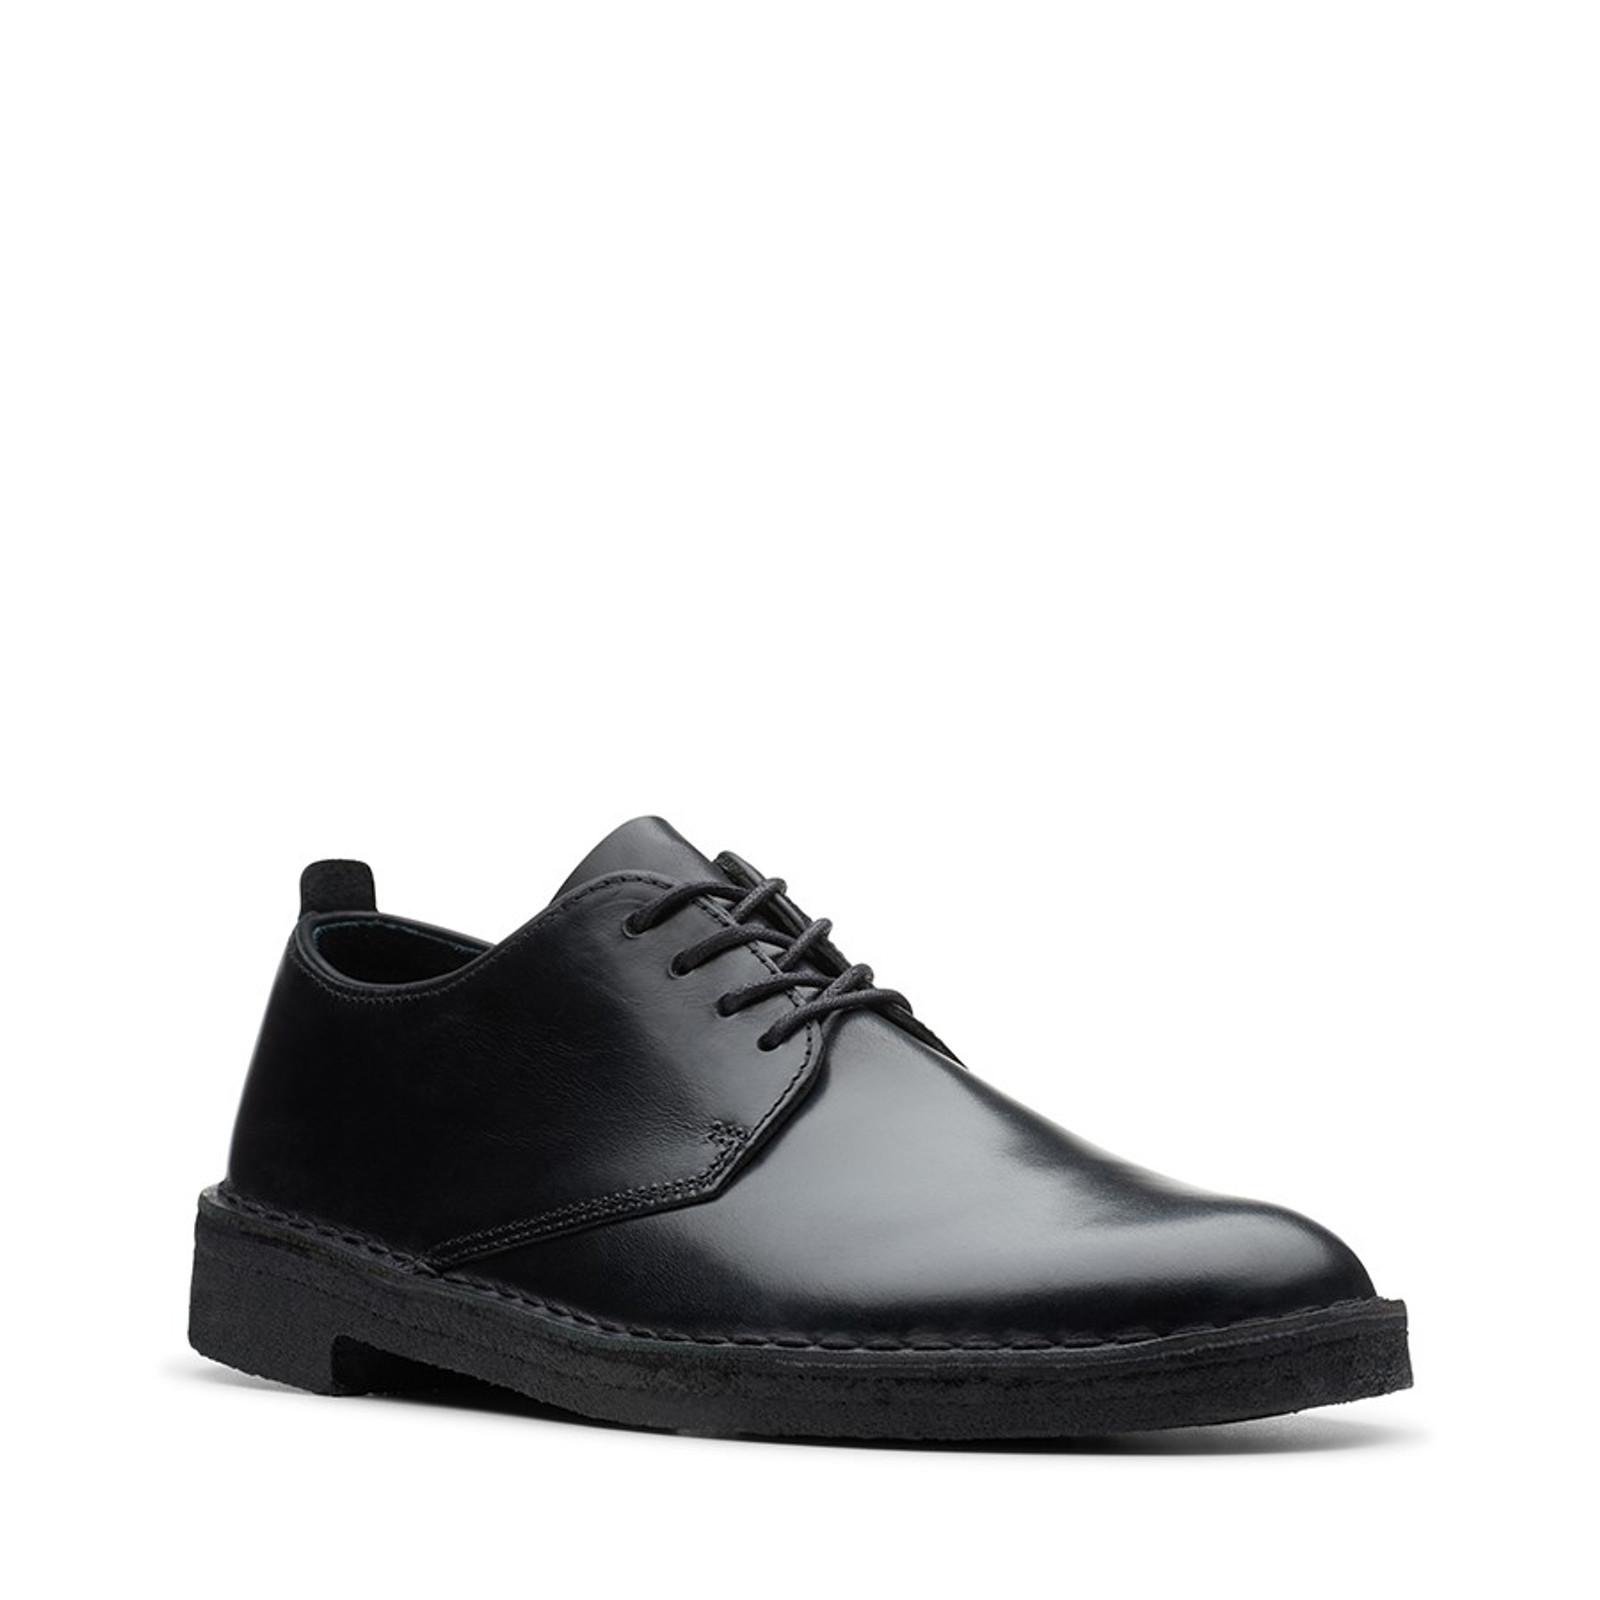 Clarks Mens DESERT LONDON 2 Black Leather